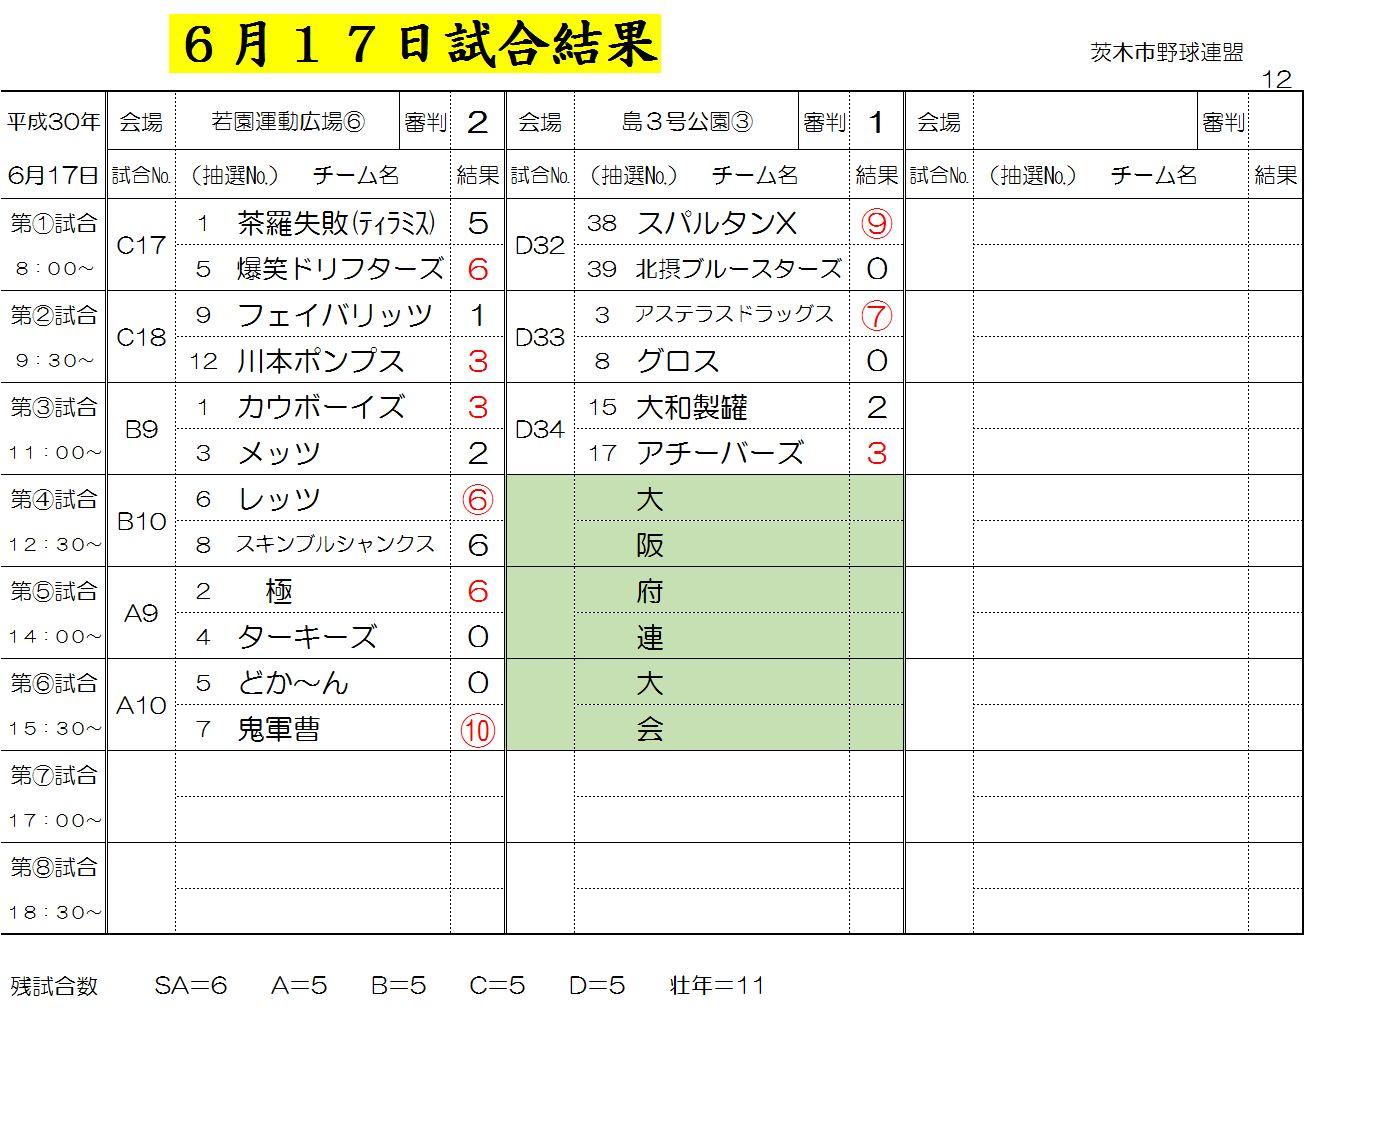 6月17日試合結果